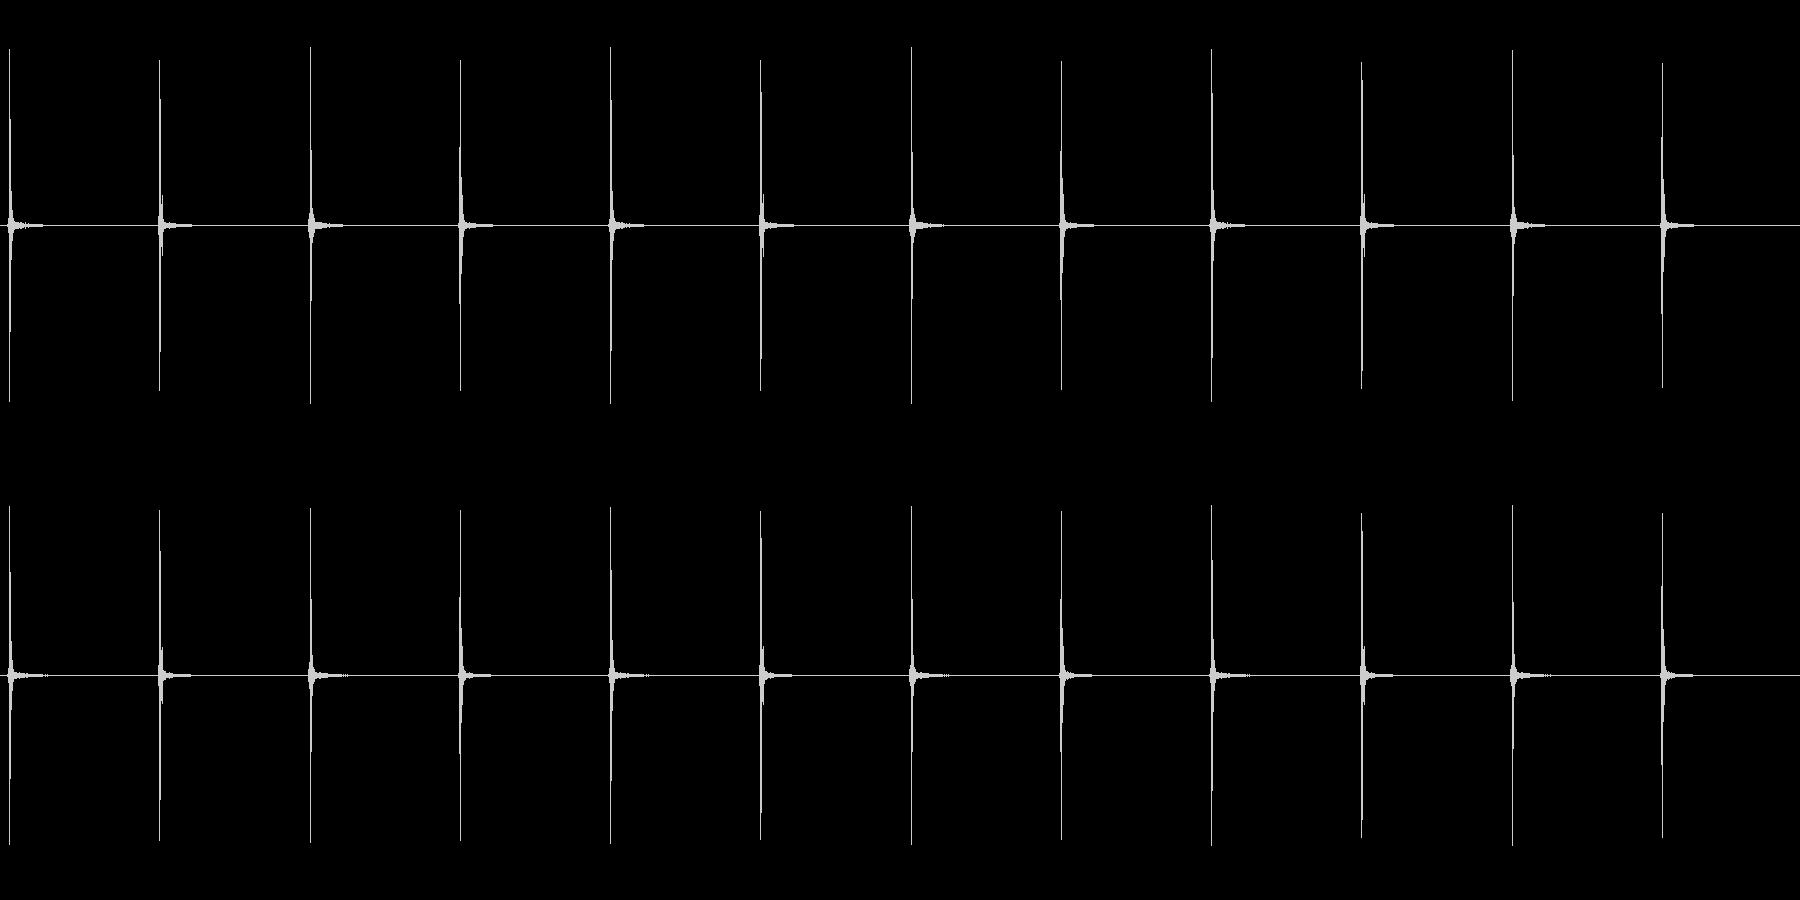 振り子時計の秒針をループ仕様にしたものの未再生の波形